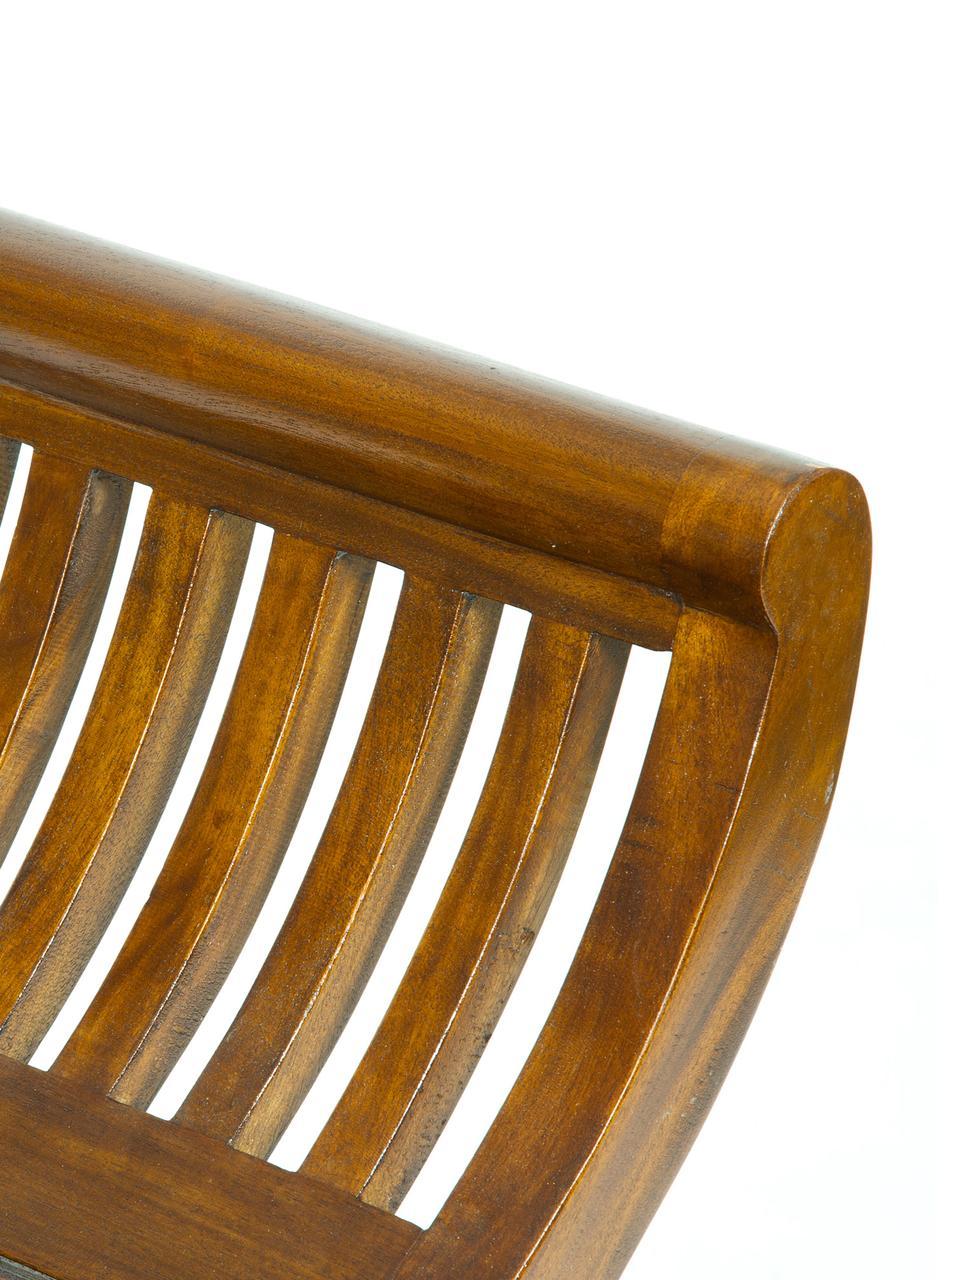 Hocker Charleston mit Armlehnen, Akazienholz, gebeizt und lackiert, Dunkelbraun, 60 x 60 cm